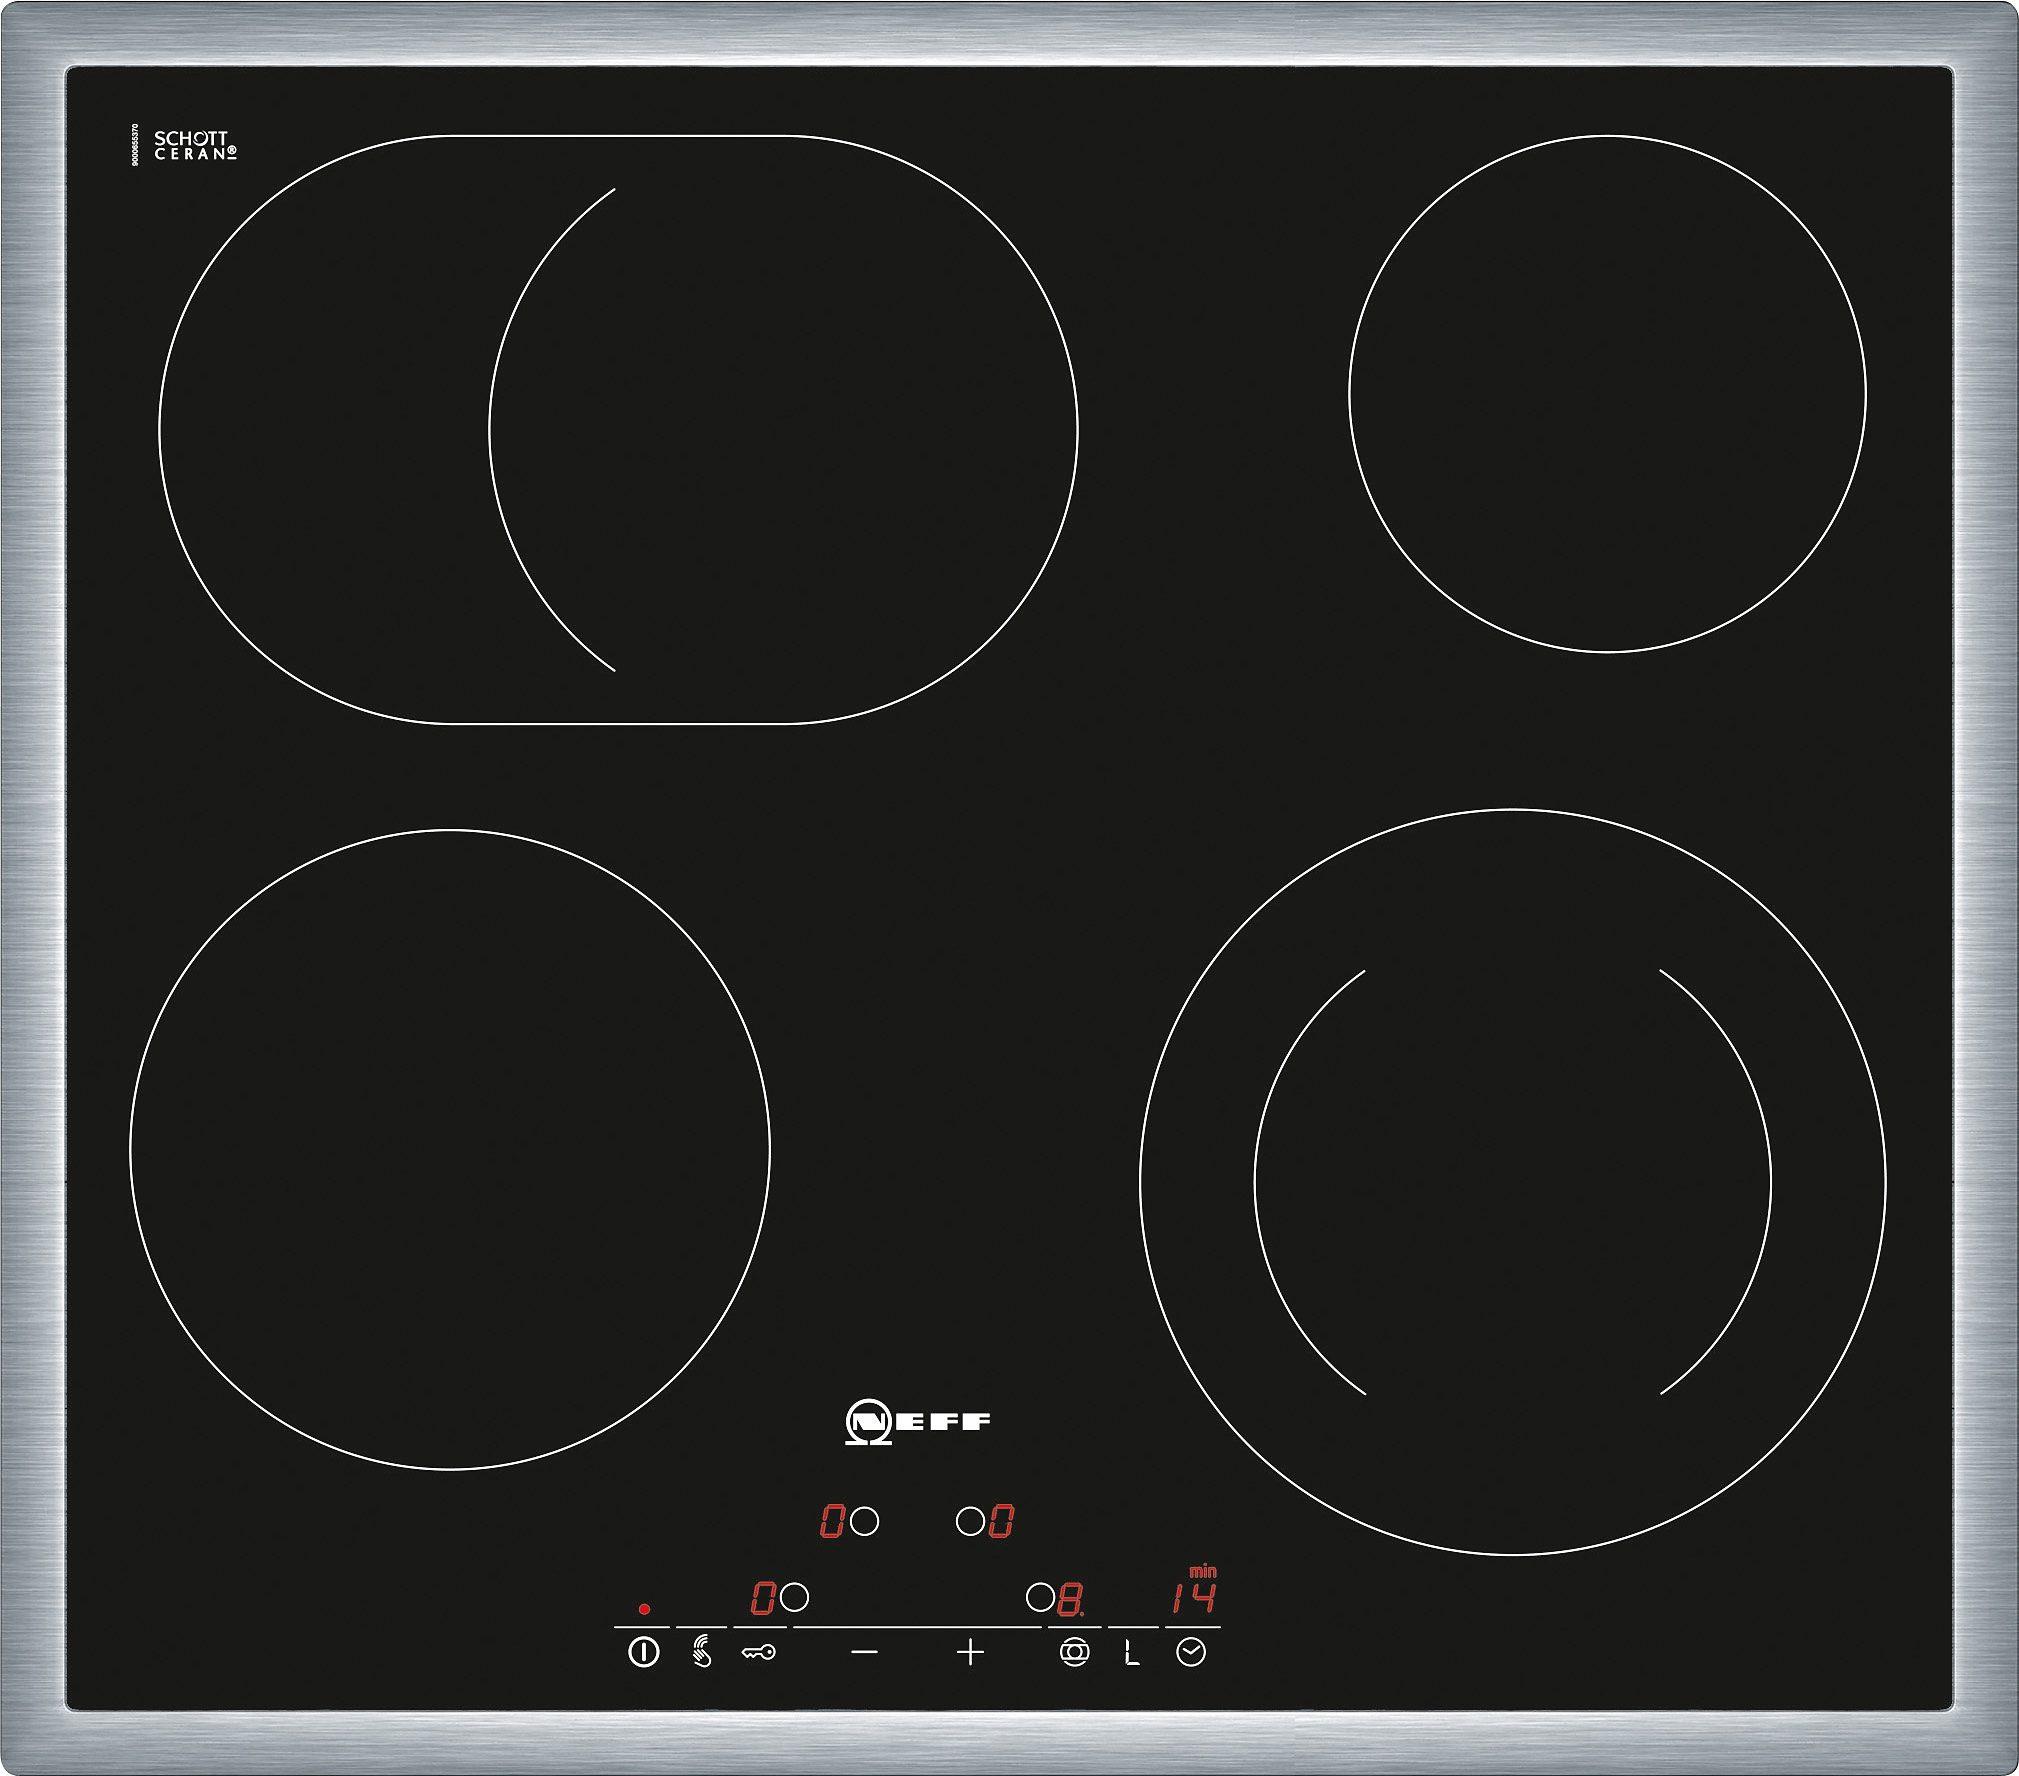 Neff Autarkes Elektro-Kochfeld mit integrierten Kochstellenreglern TD 1342 N